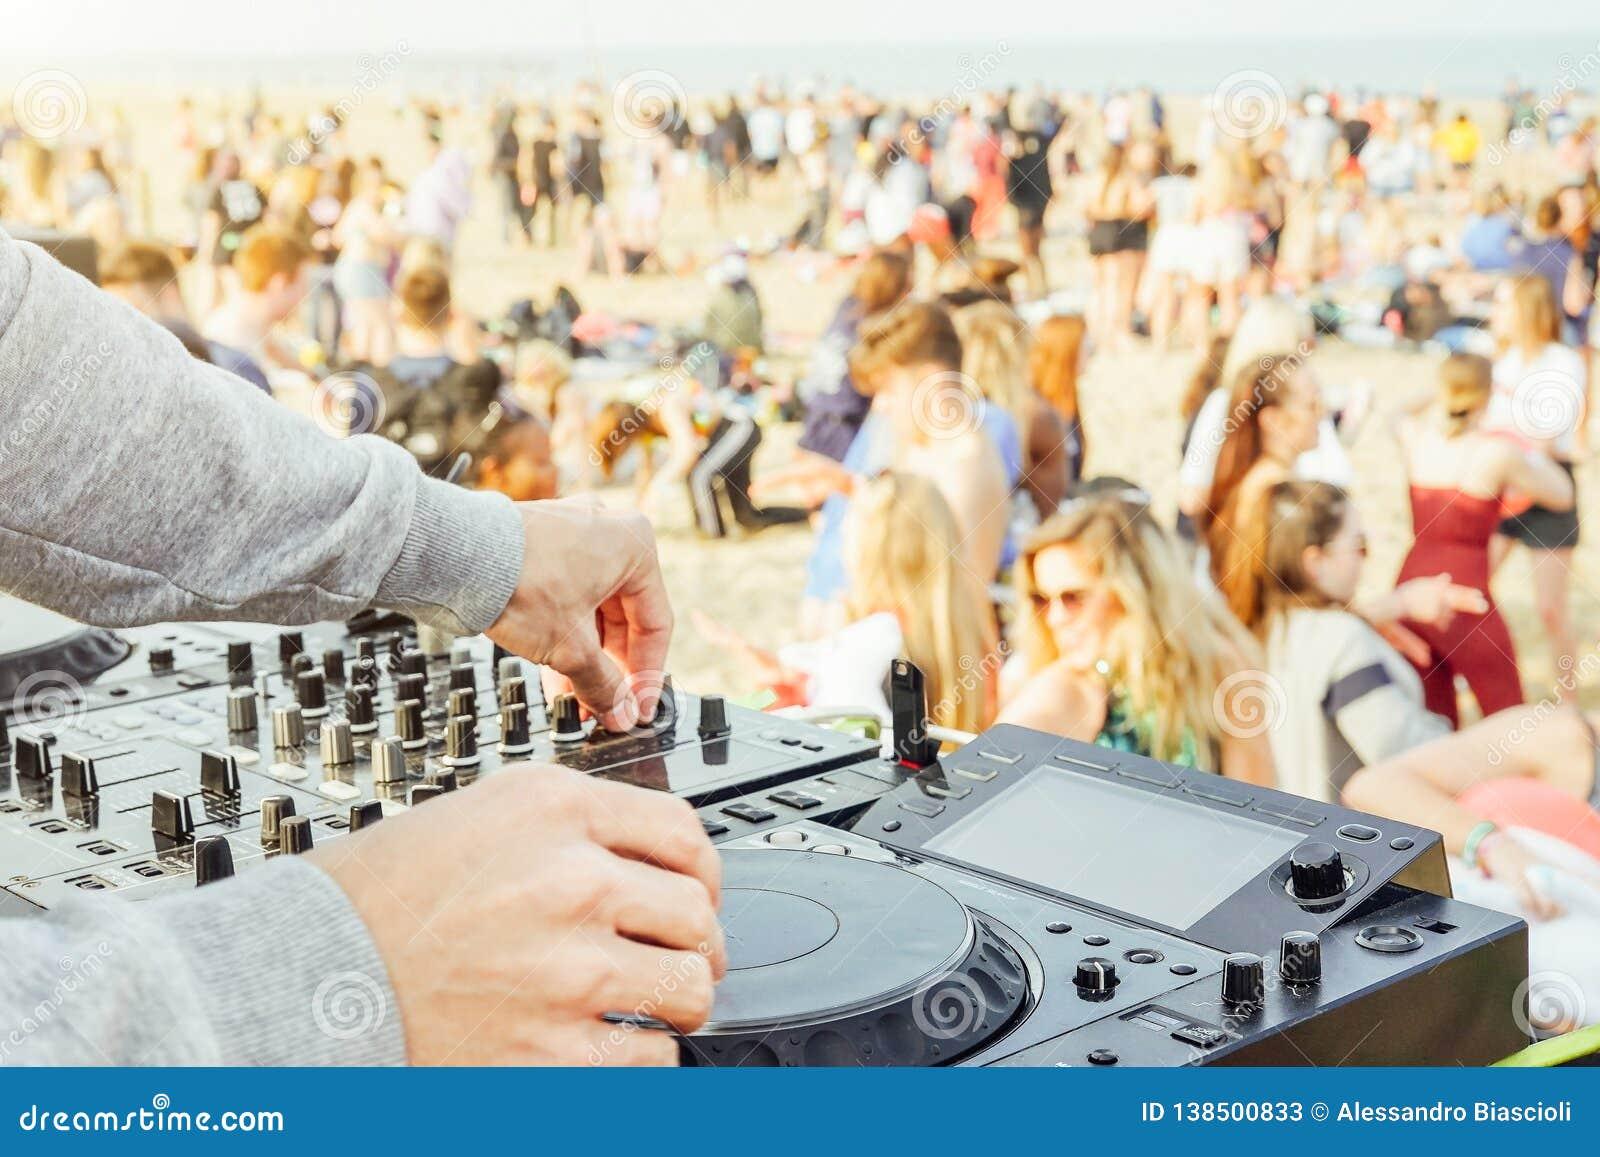 紧密演奏音乐的DJ的手在转盘在海滩党节日-人群人跳舞和有乐趣在室外的俱乐部-